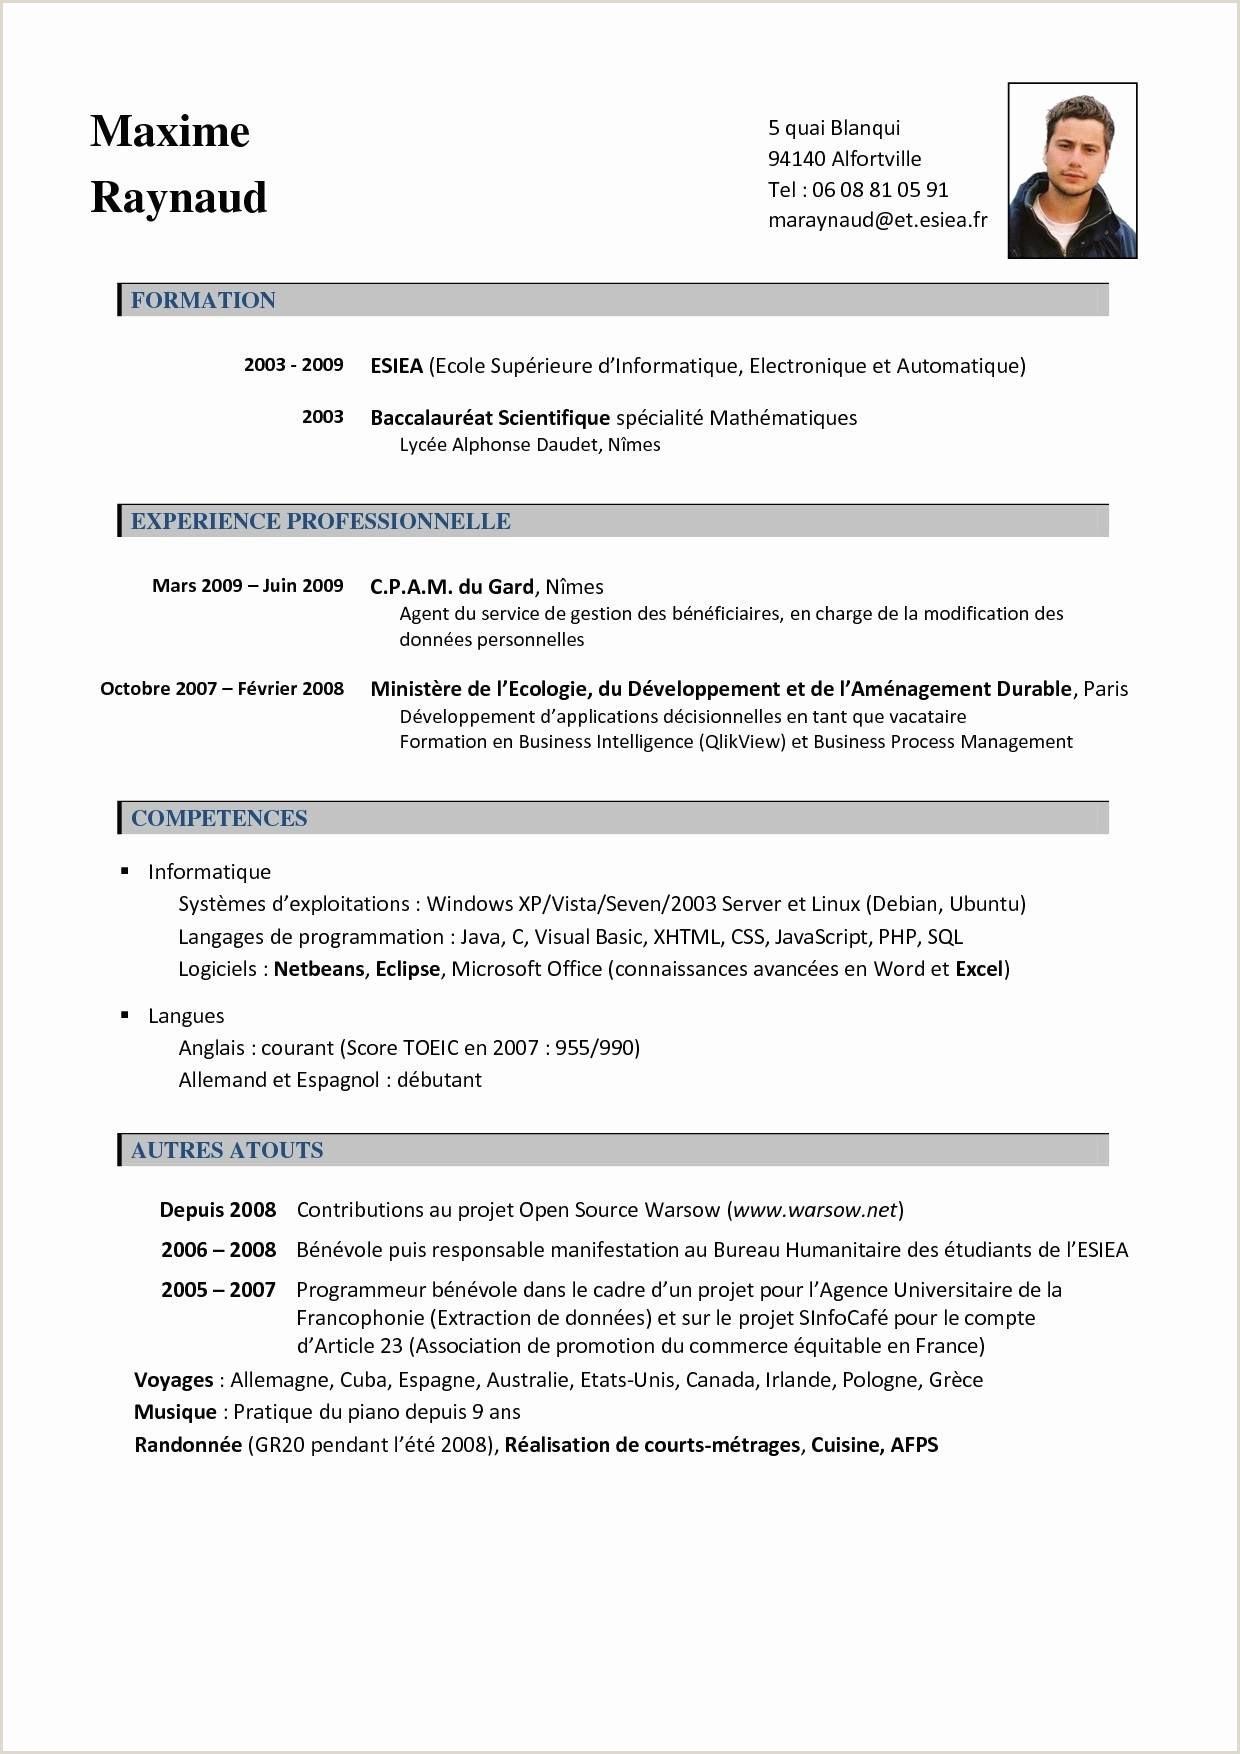 Exemple De Cv Fonctionnel Cv Responsable Informatique Libre Logiciel Informatique Cv